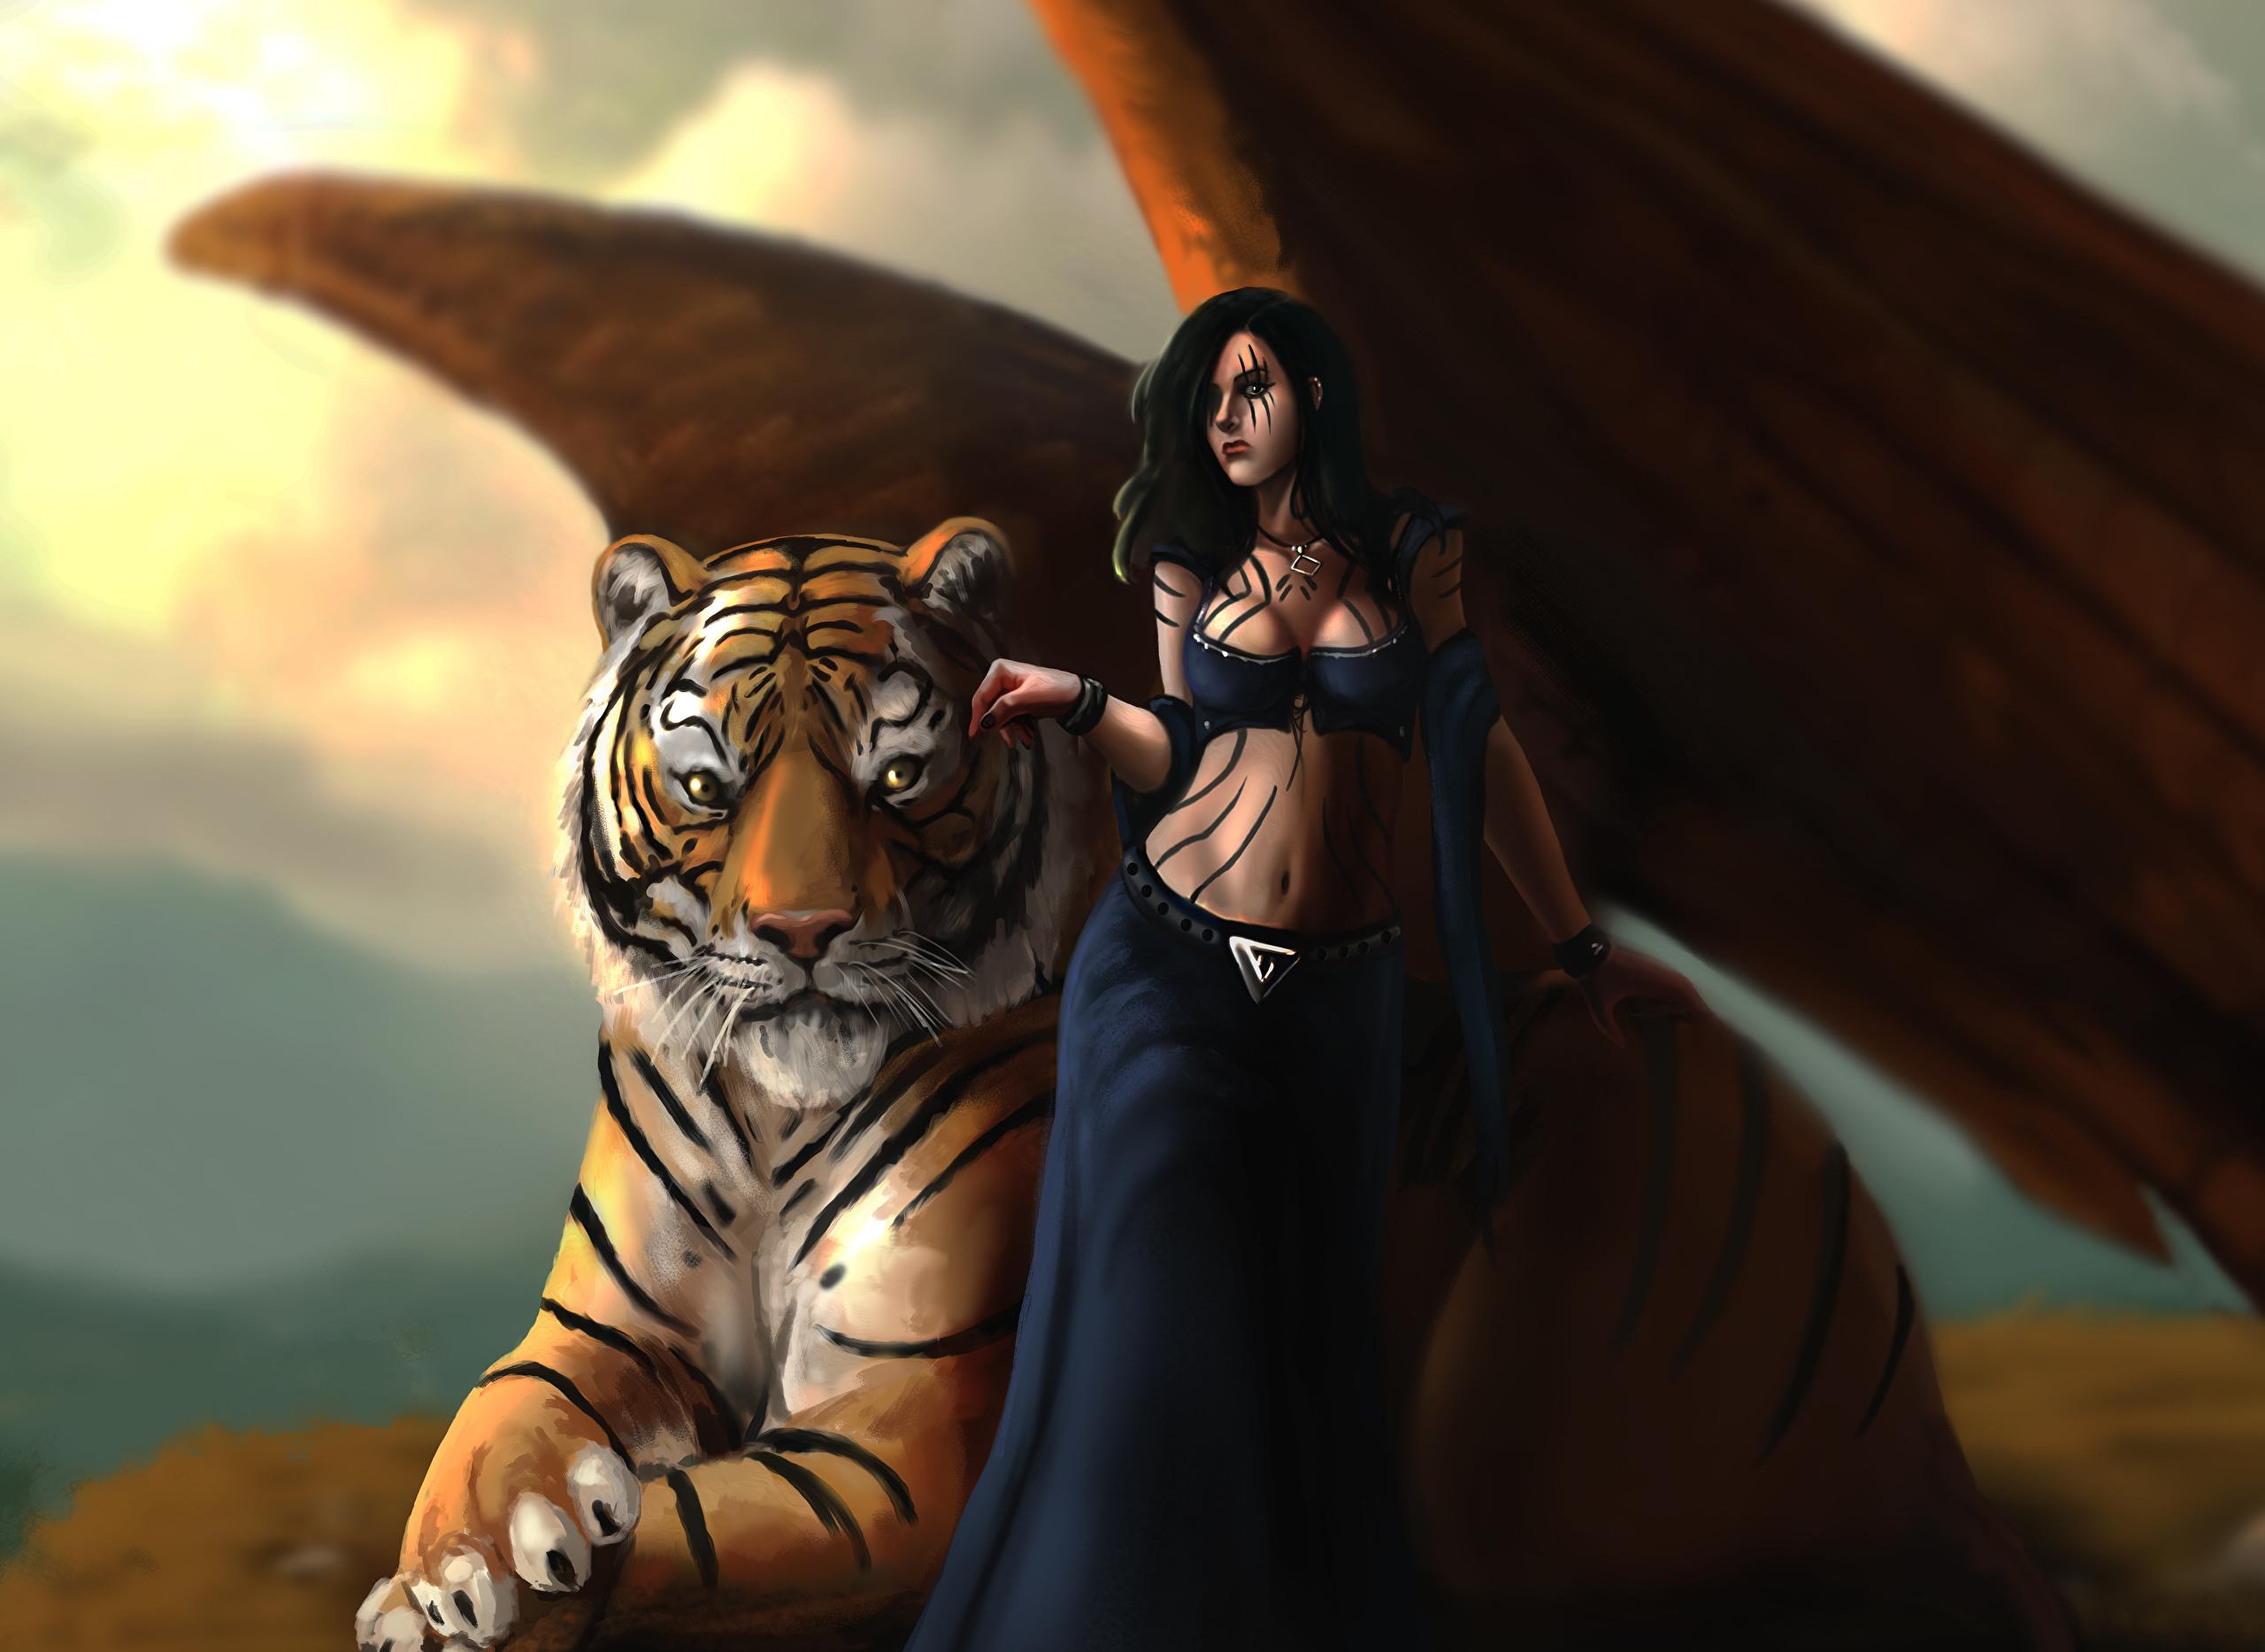 животные девушка тигр фэнтези без смс